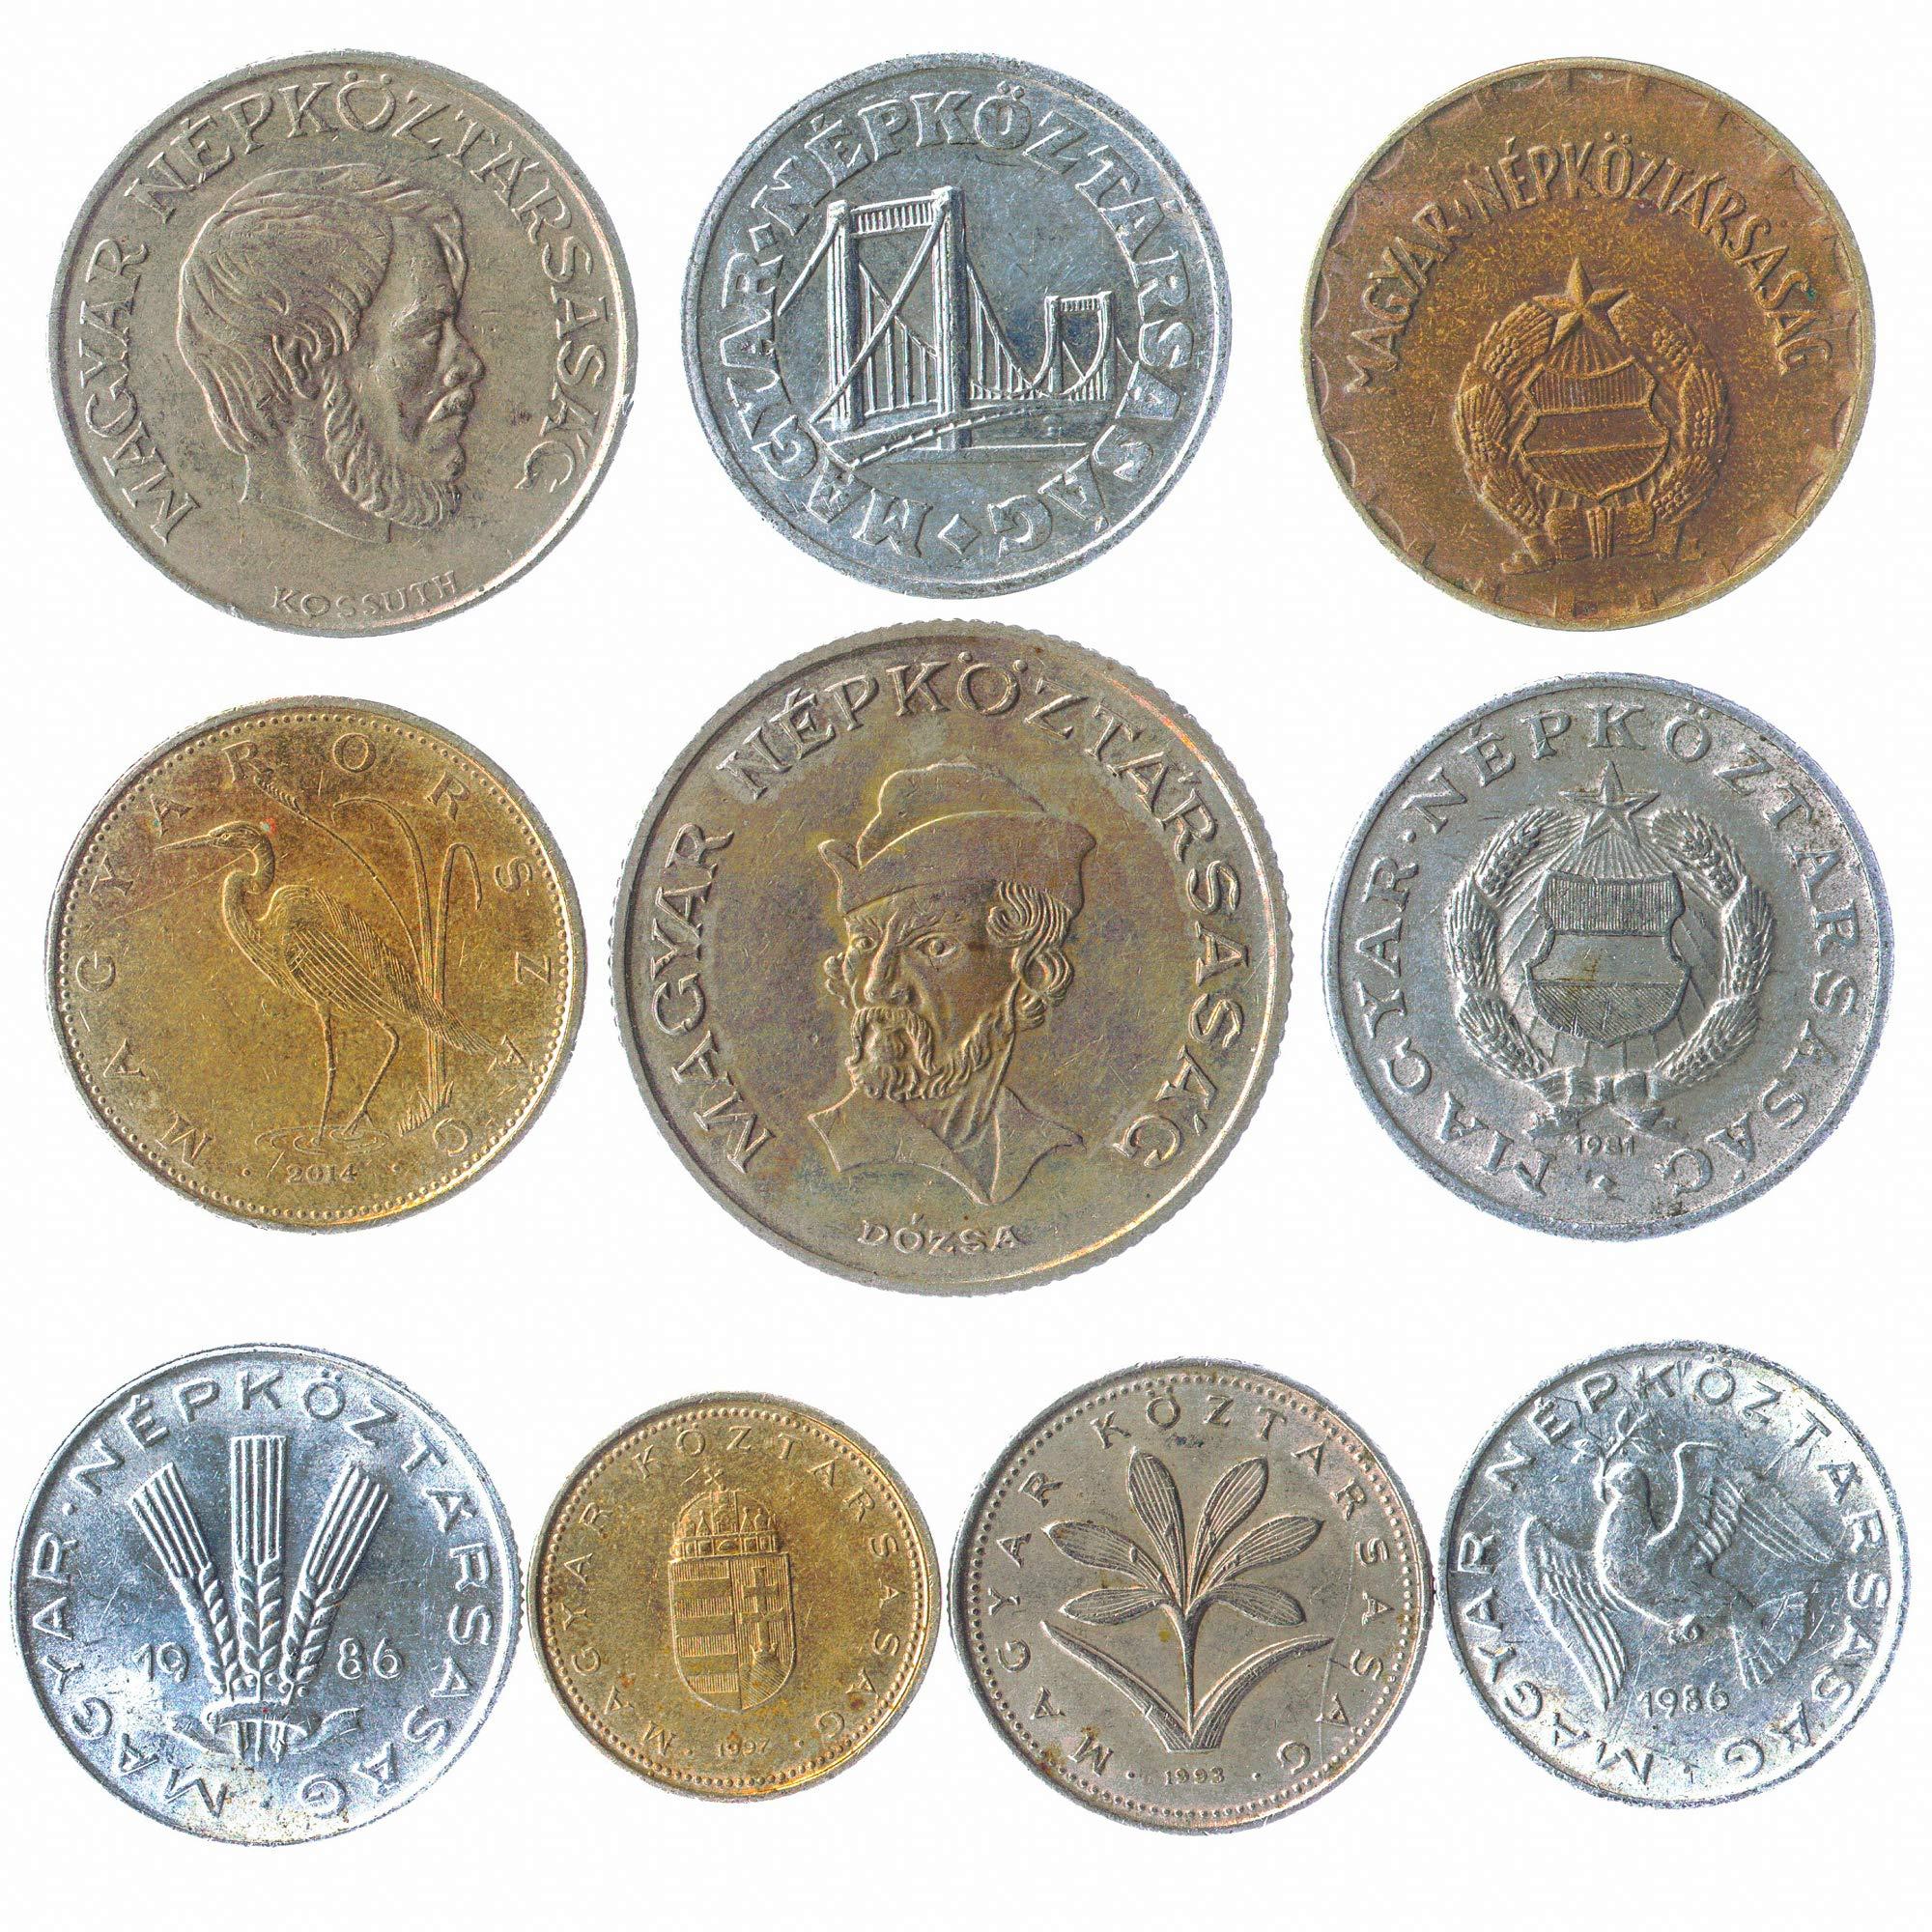 10 عملات قديمة من المجر. العملات الهنغارية النادرة: حشو ، فورنت. اختيار  مثالي لبنك العملات الخاص بك وحاملي العملات المعدنية وألبوم العملات  المعدنية: Buy Online at Best Price in UAE - Amazon.ae